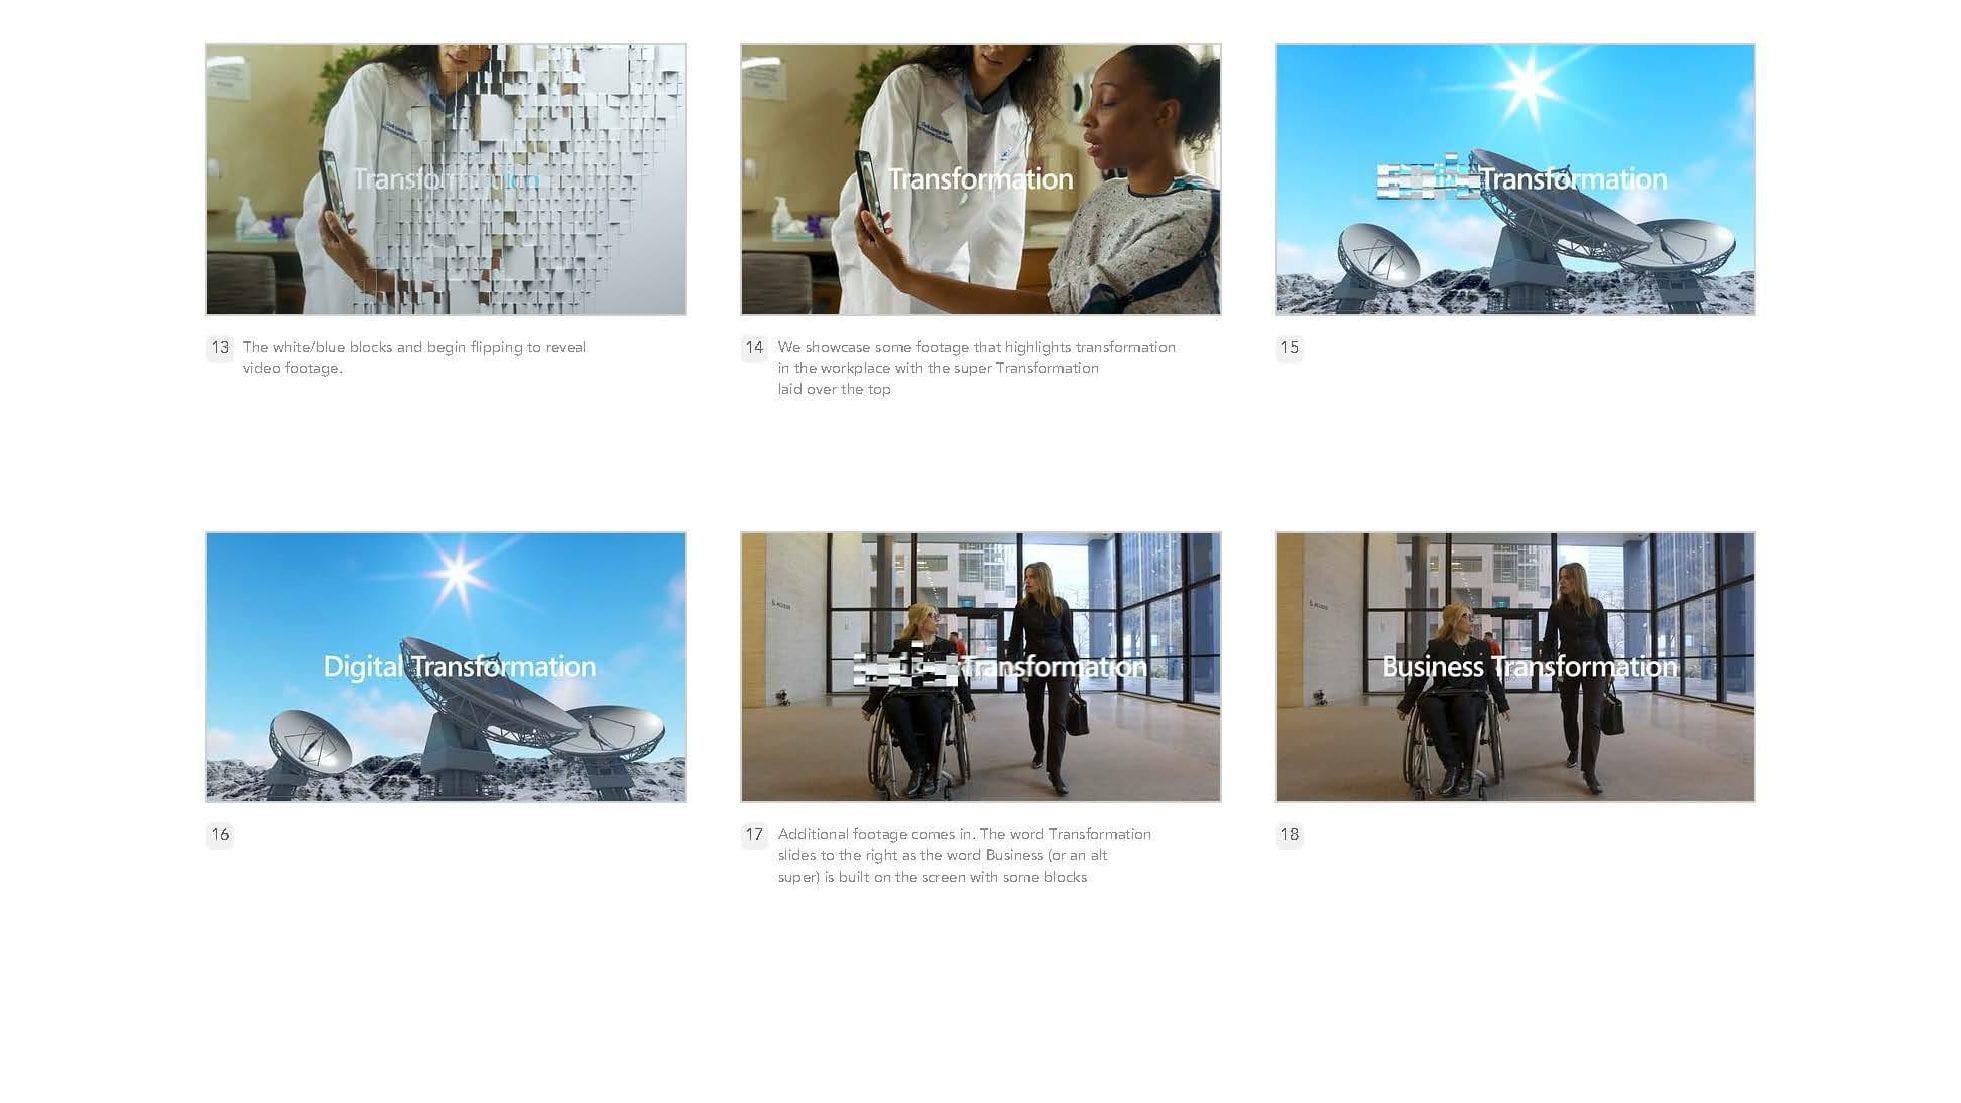 R&F_Microsoft_Transform_Open_012920_Page_3